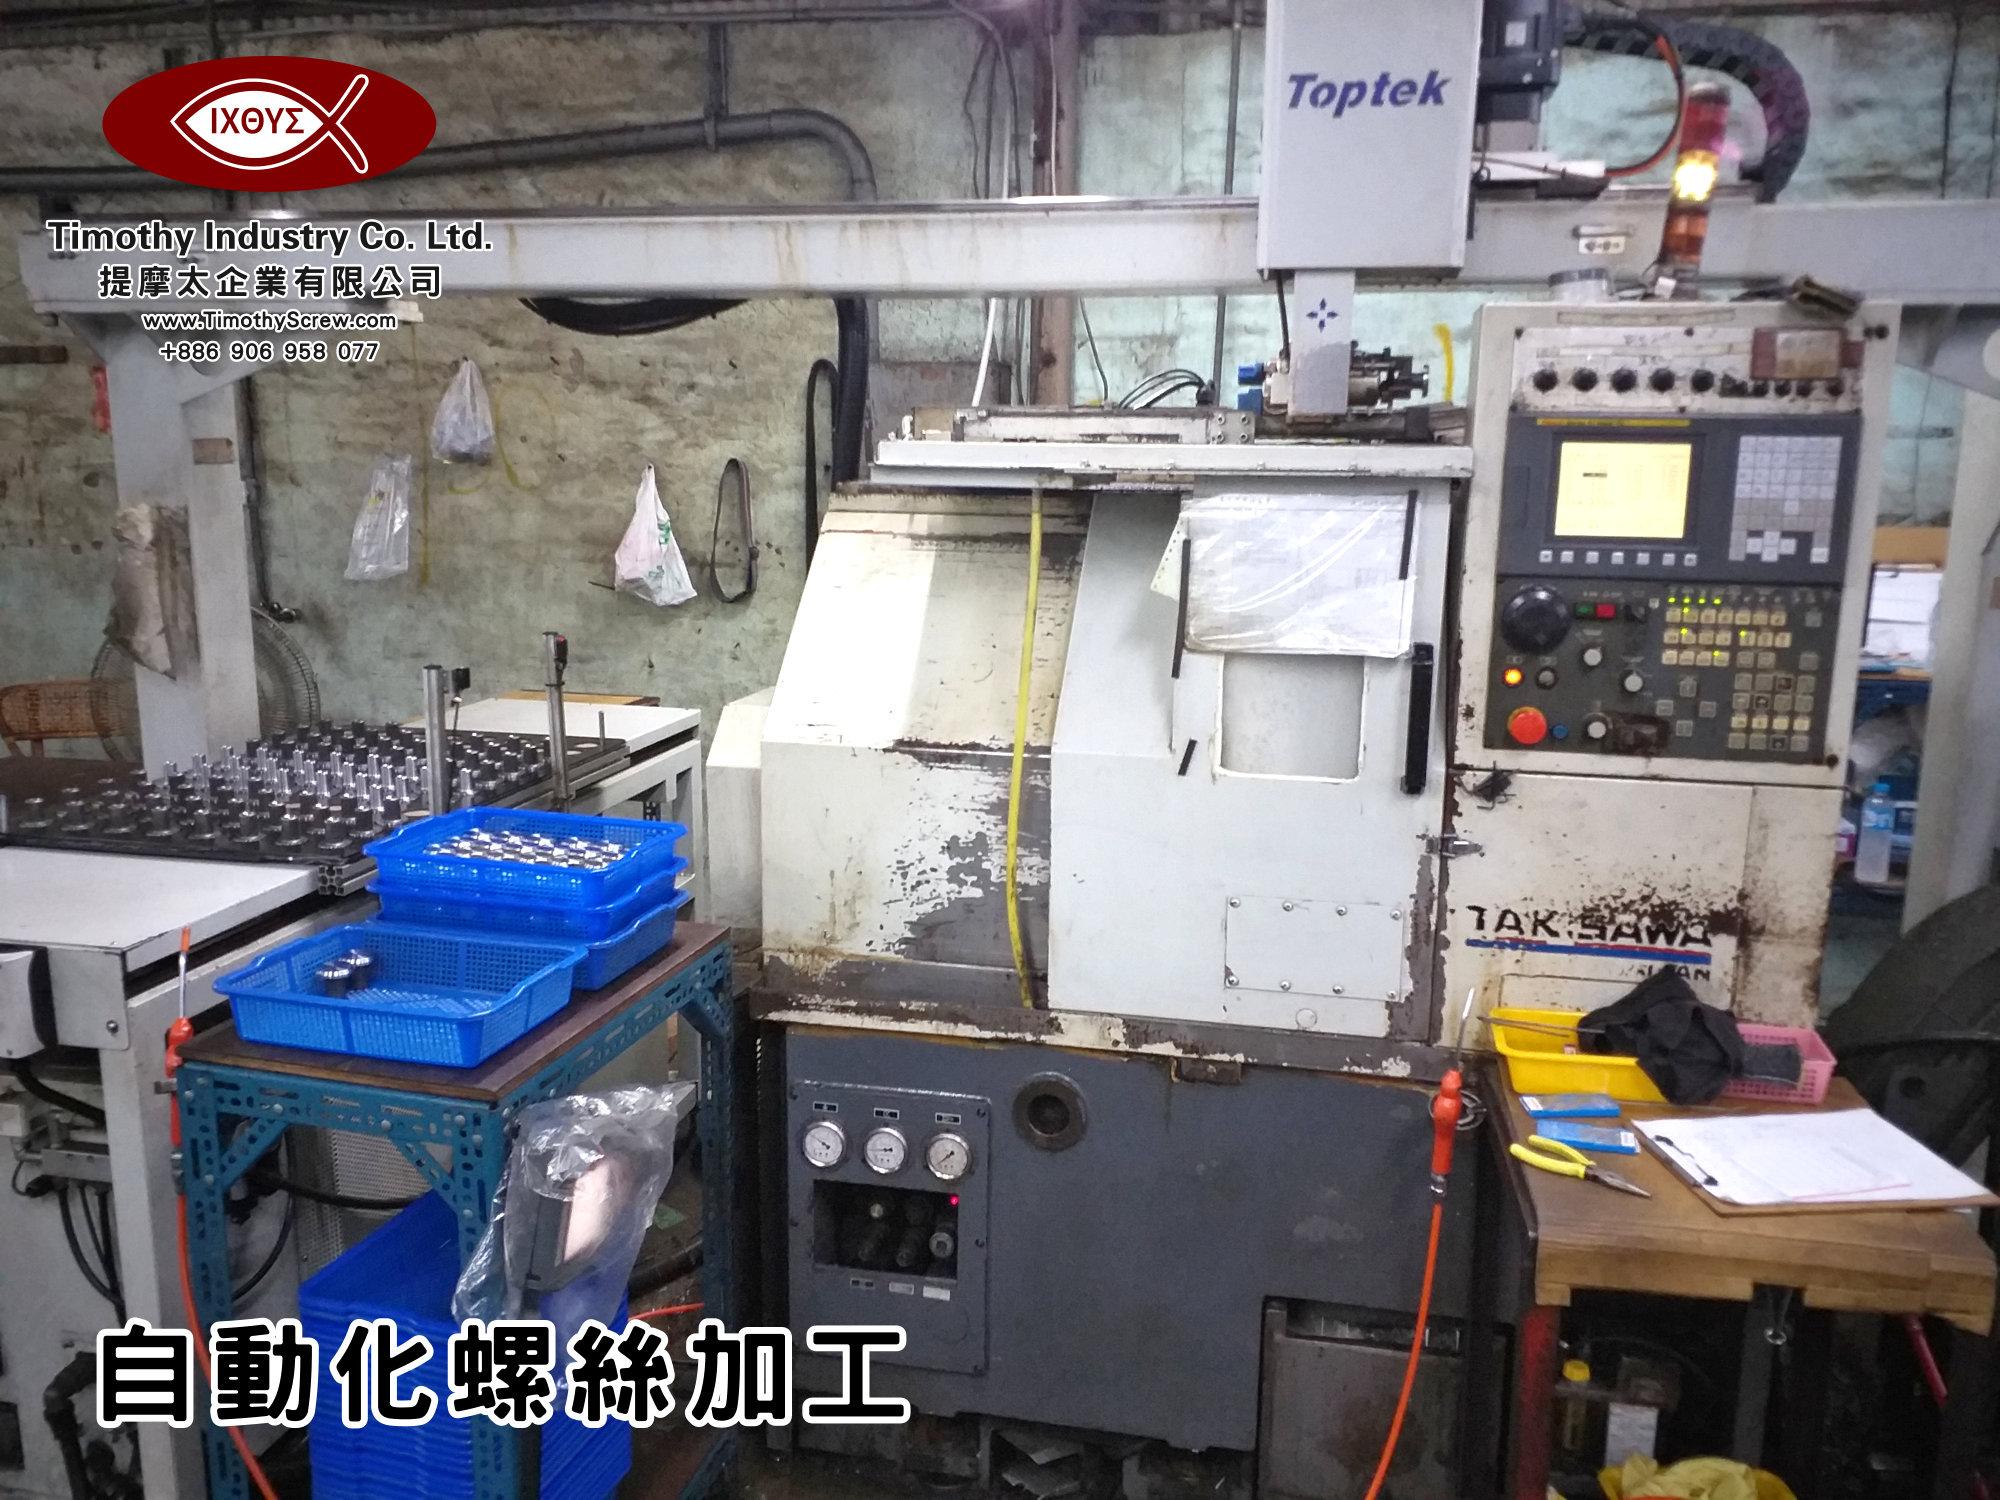 提摩太企業有限公司 Timothy Industry Co Ltd 自動化螺絲加工 車床部 銑床部 台灣自動化螺絲加工 螺絲製造 A31